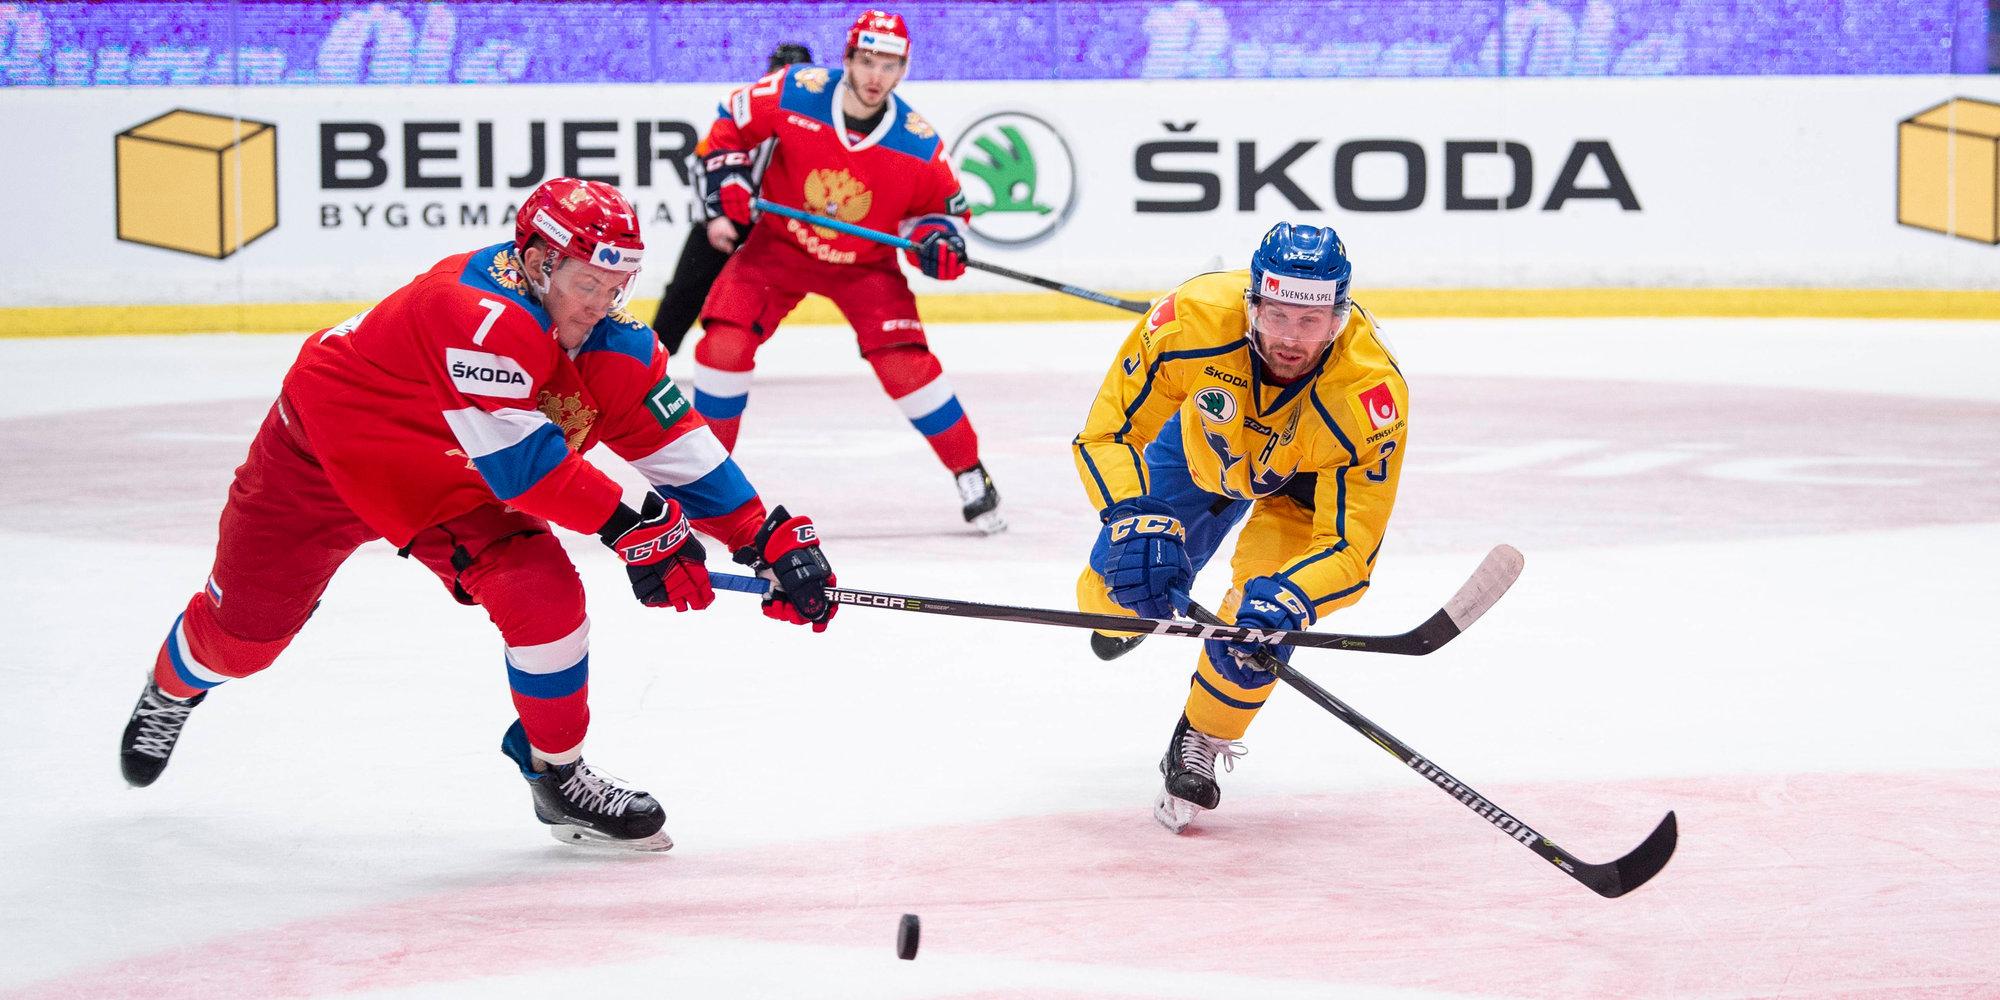 Сборная России уступила Швеции во втором матче этапа Евротура